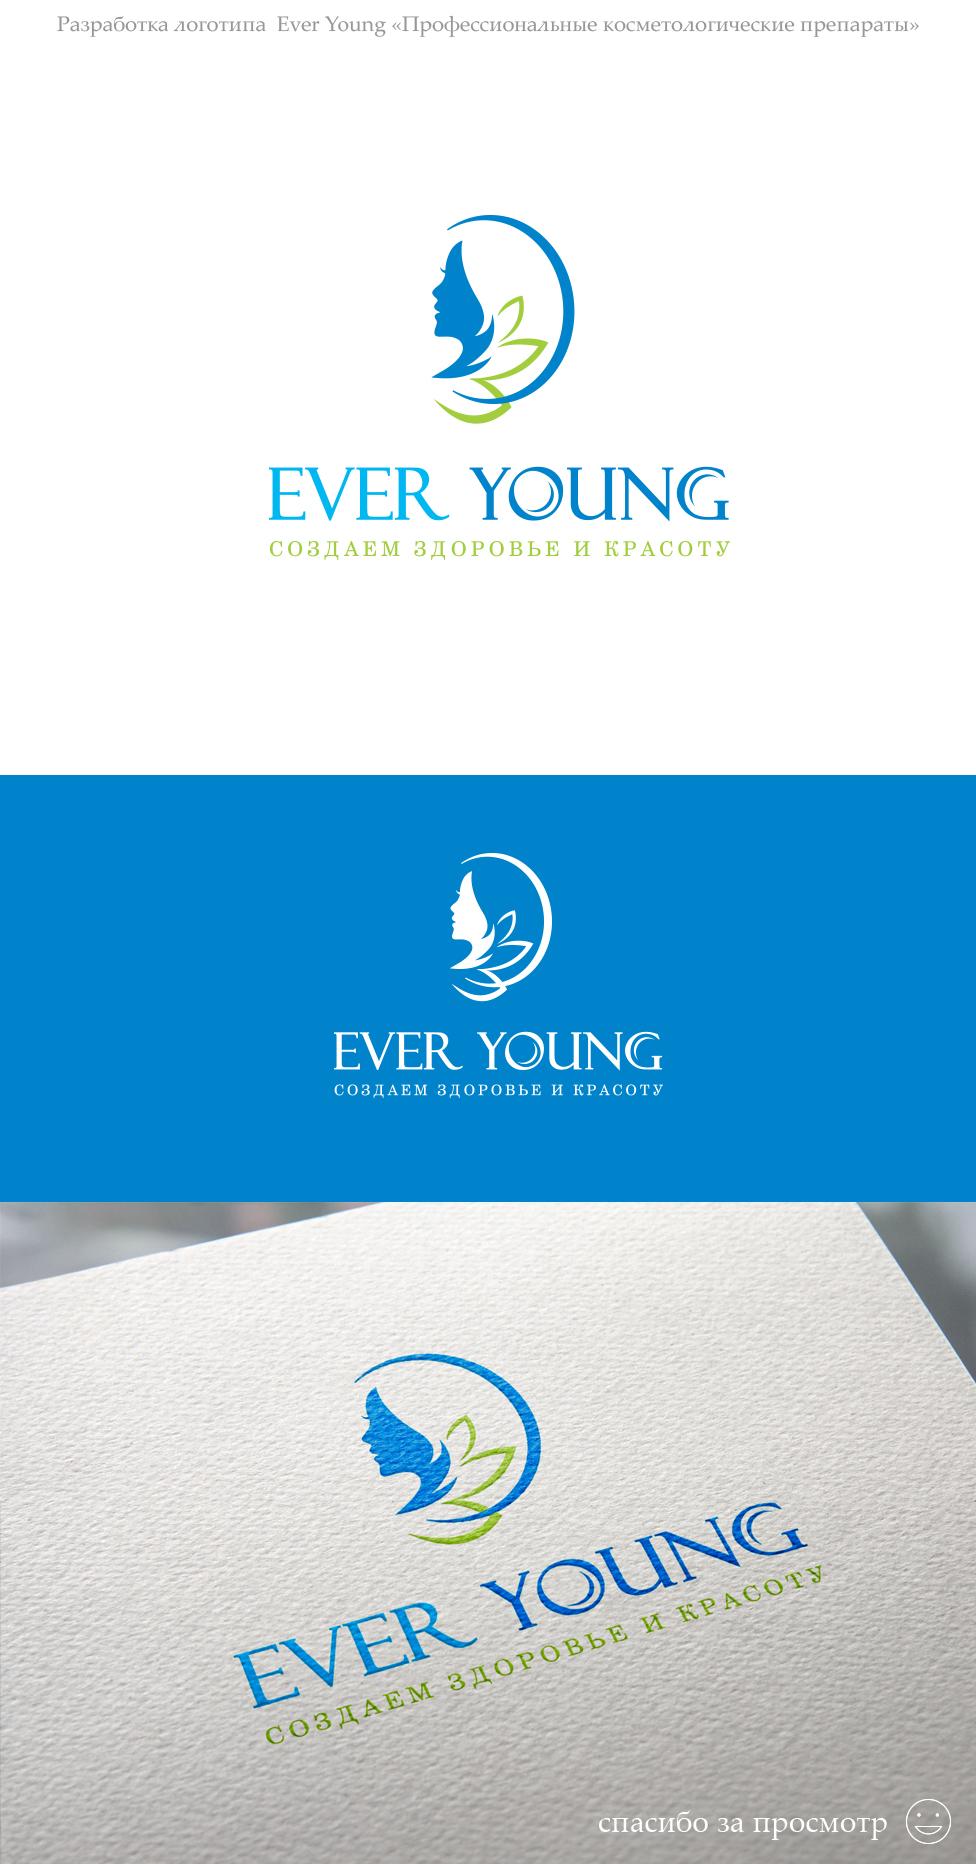 Ever Young Профессиональные косметологические препараты